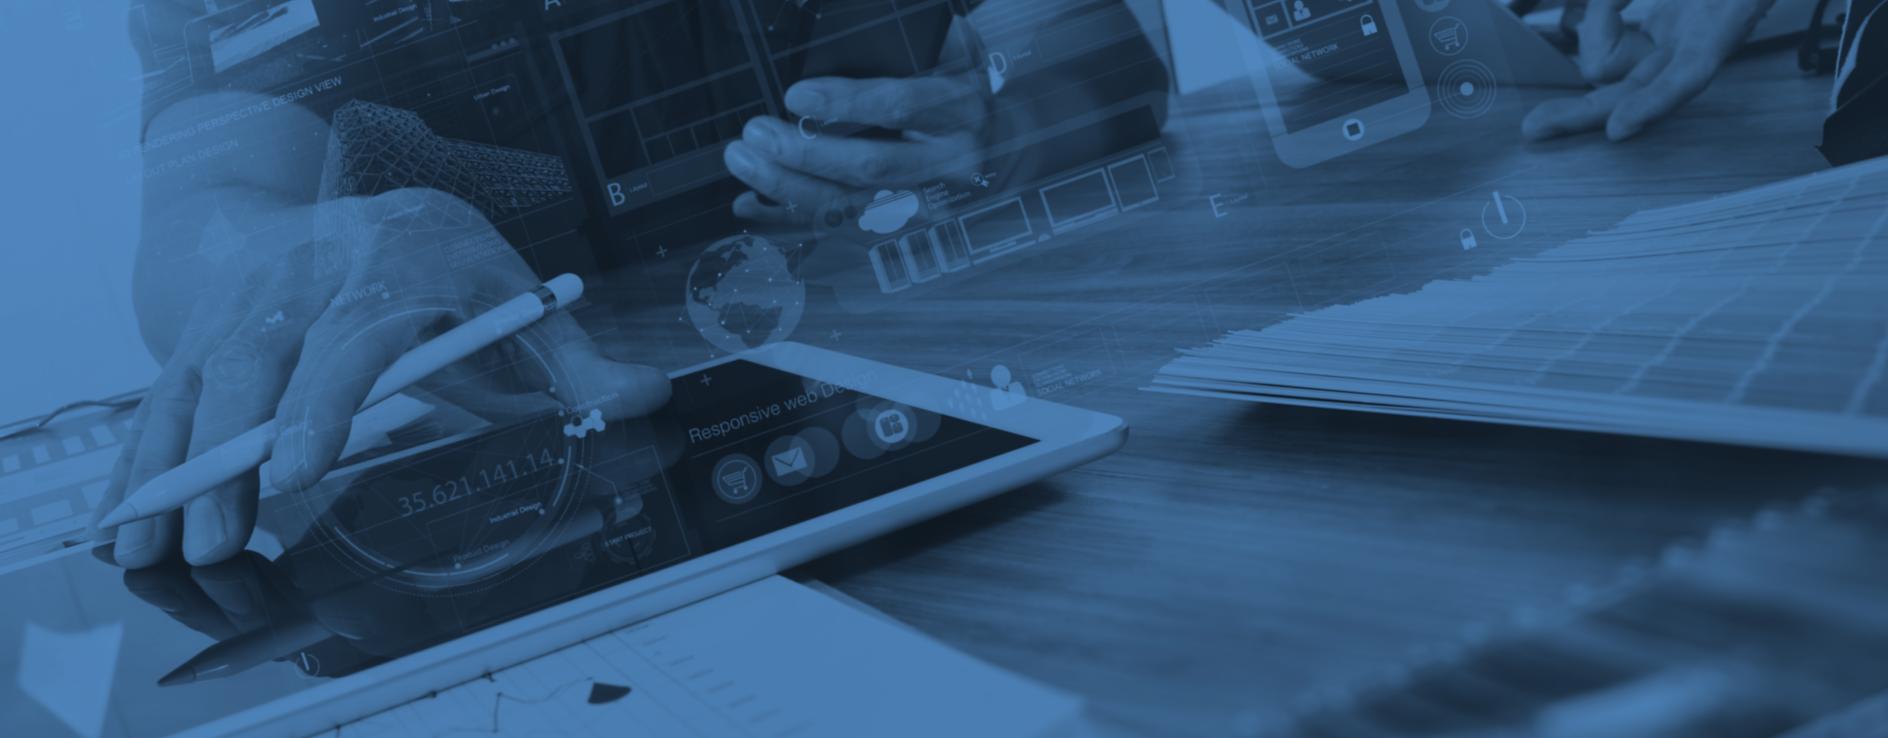 imagem de branding, tablets com informação 3D.